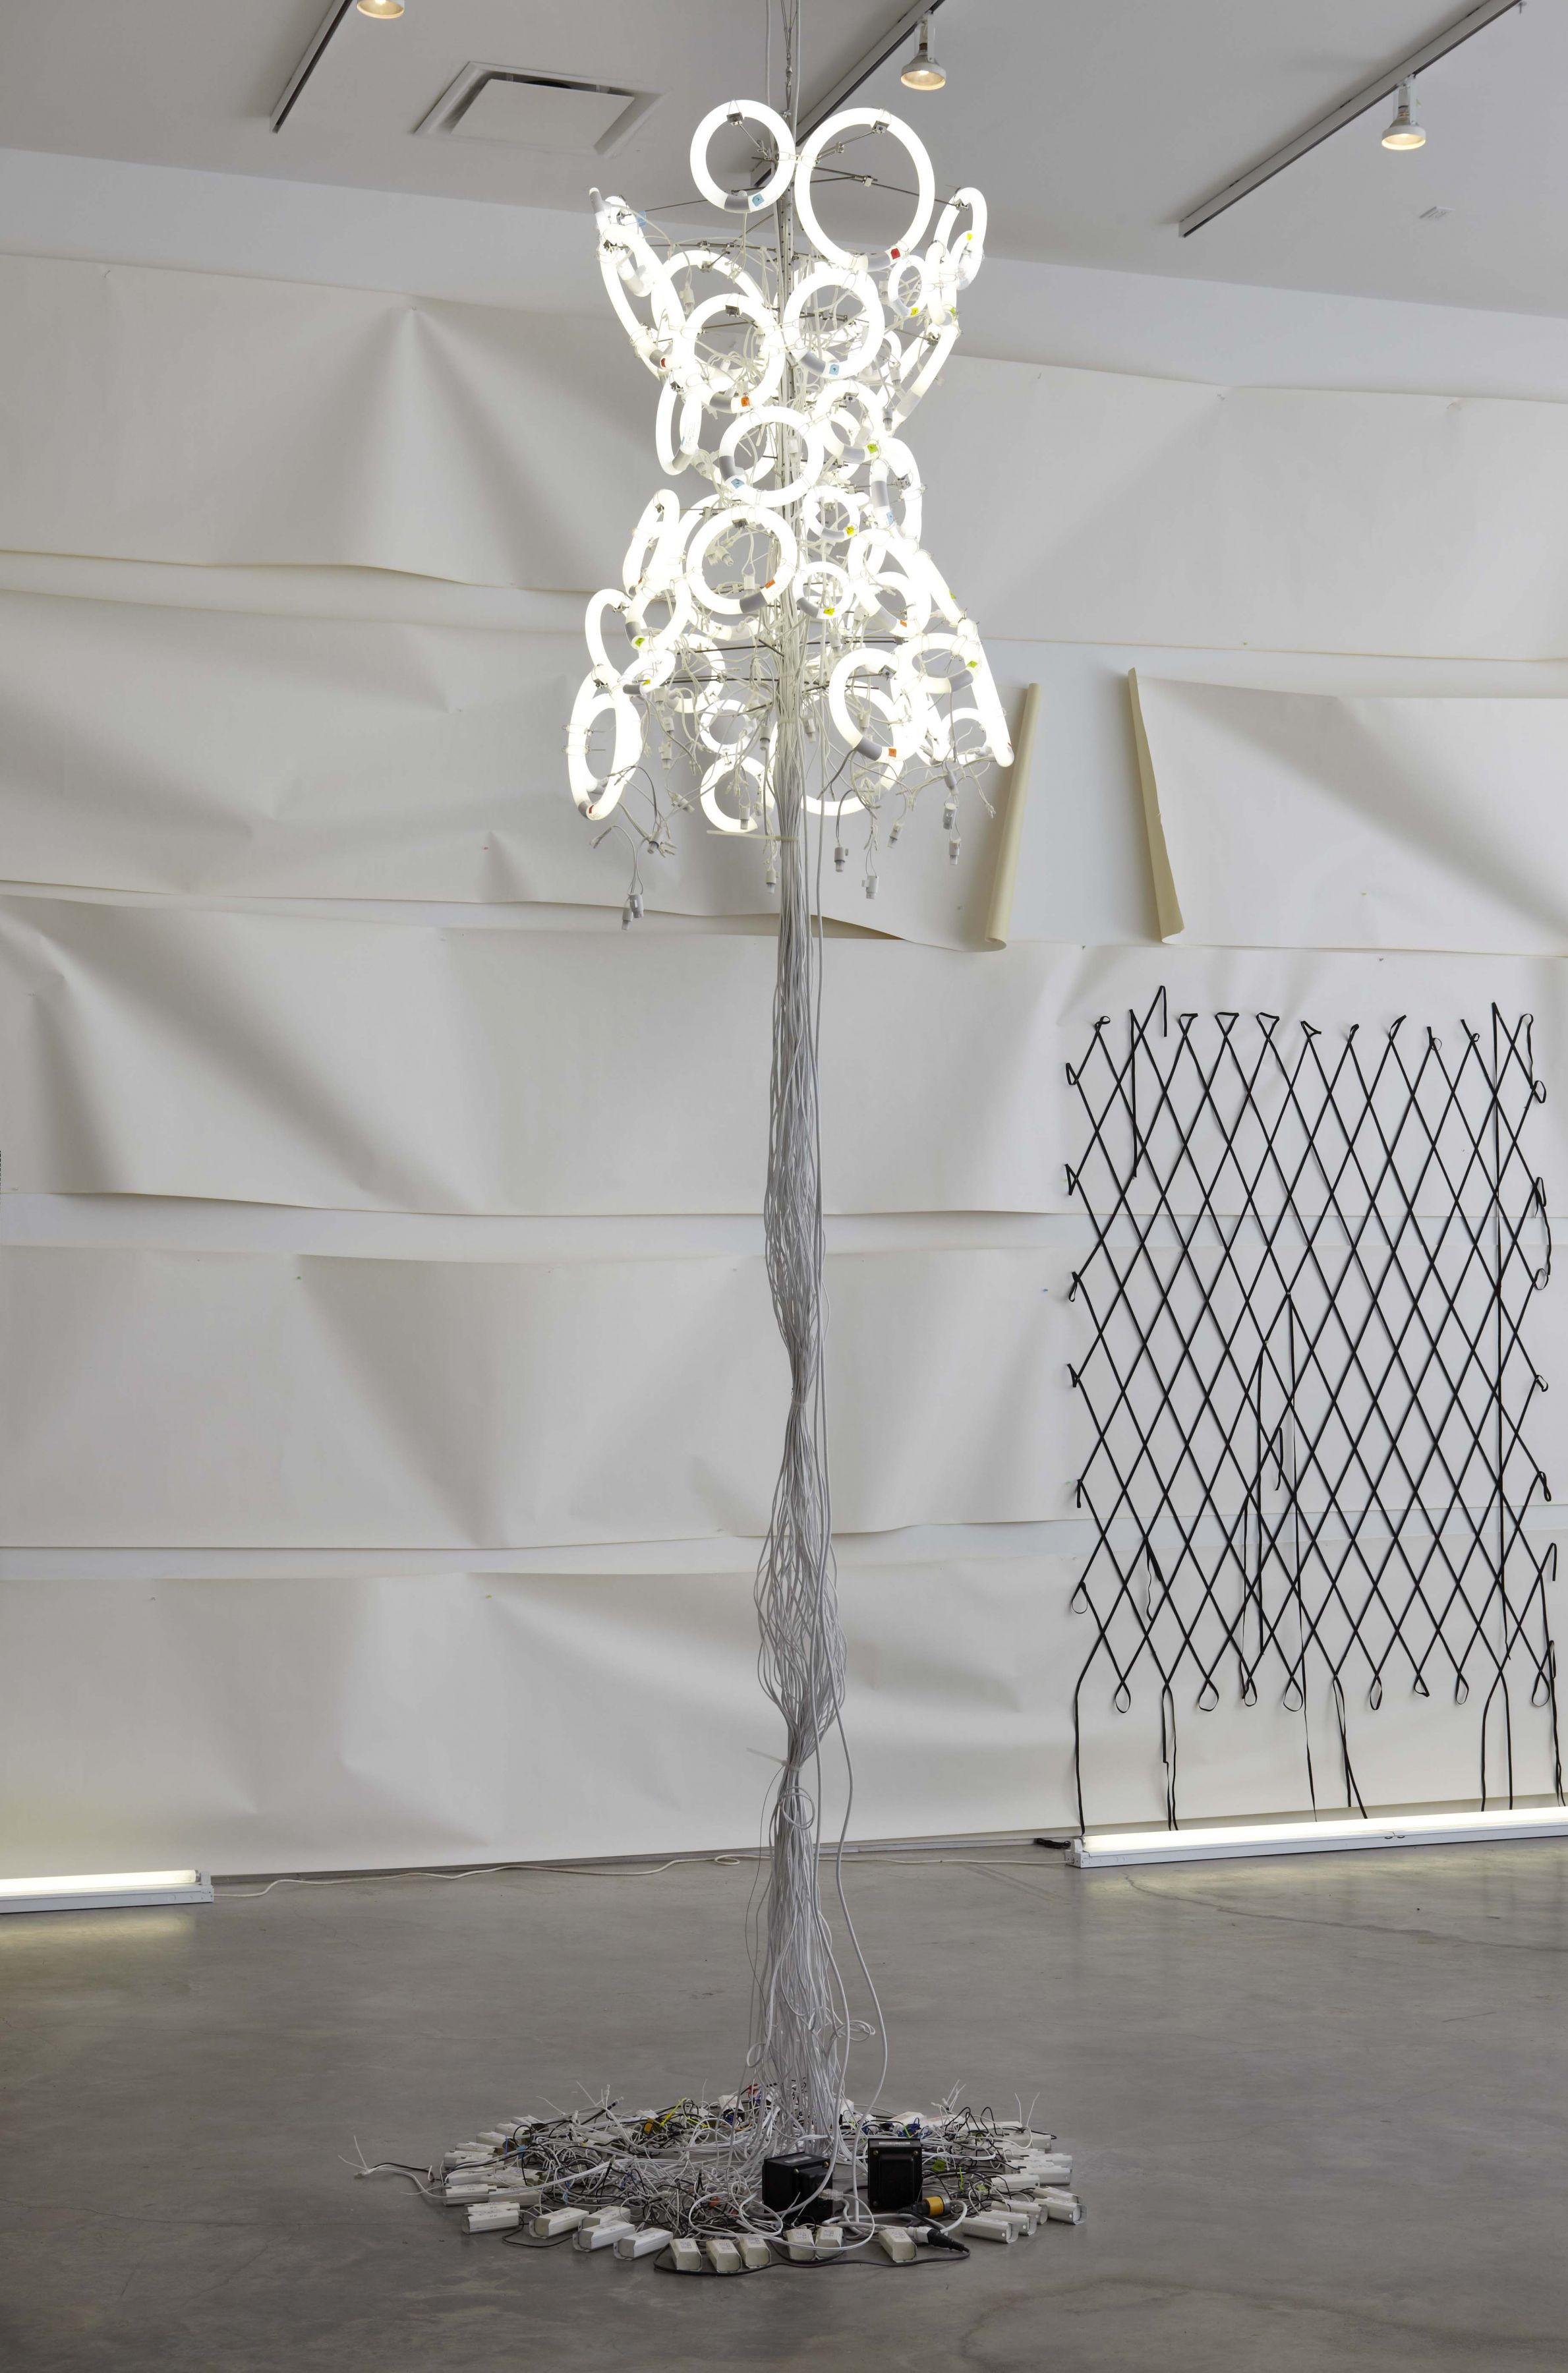 Flourescent(Installation view), Marianne Boesky Gallery, 2011